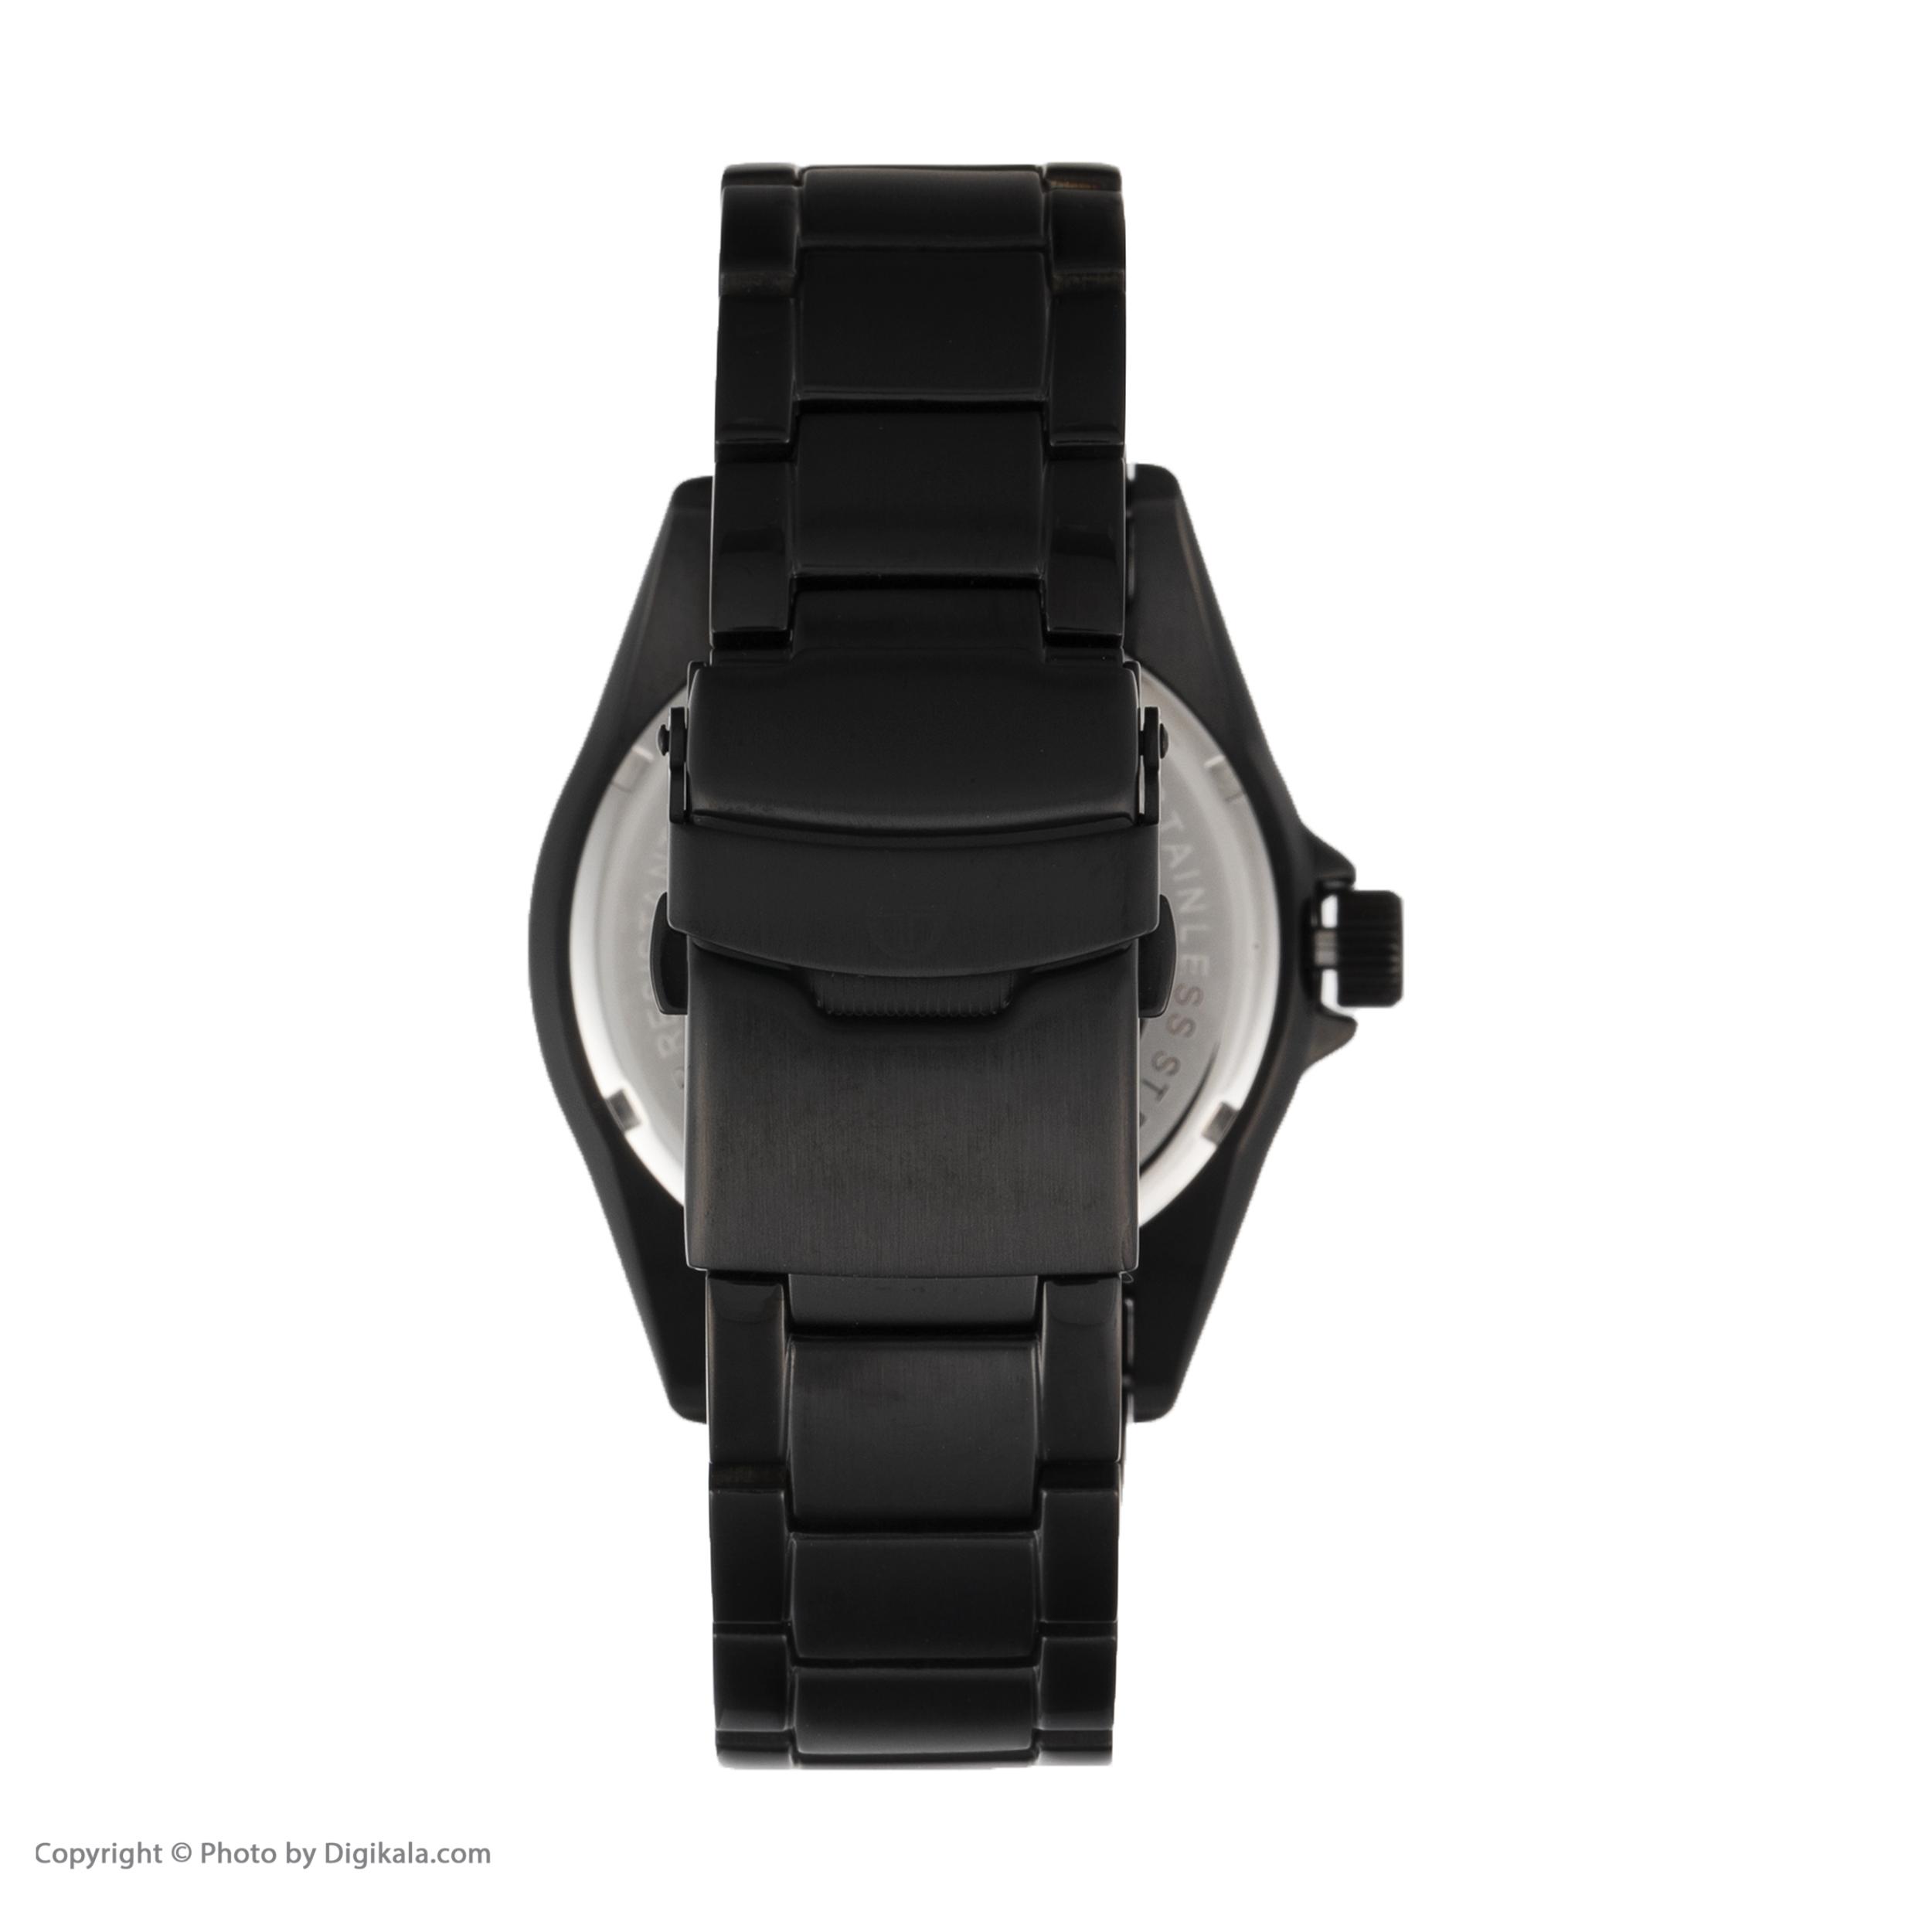 ساعت مچی عقربه ای مردانه سرجیو تاچینی مدل ST.8.132.03 -  - 2